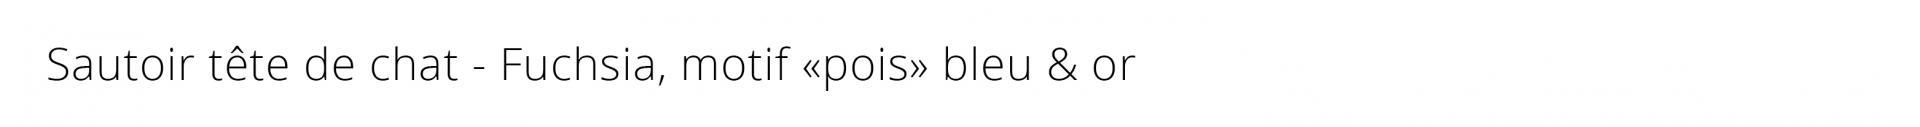 Titre sautoir chat fuchsia pois or bleu 1